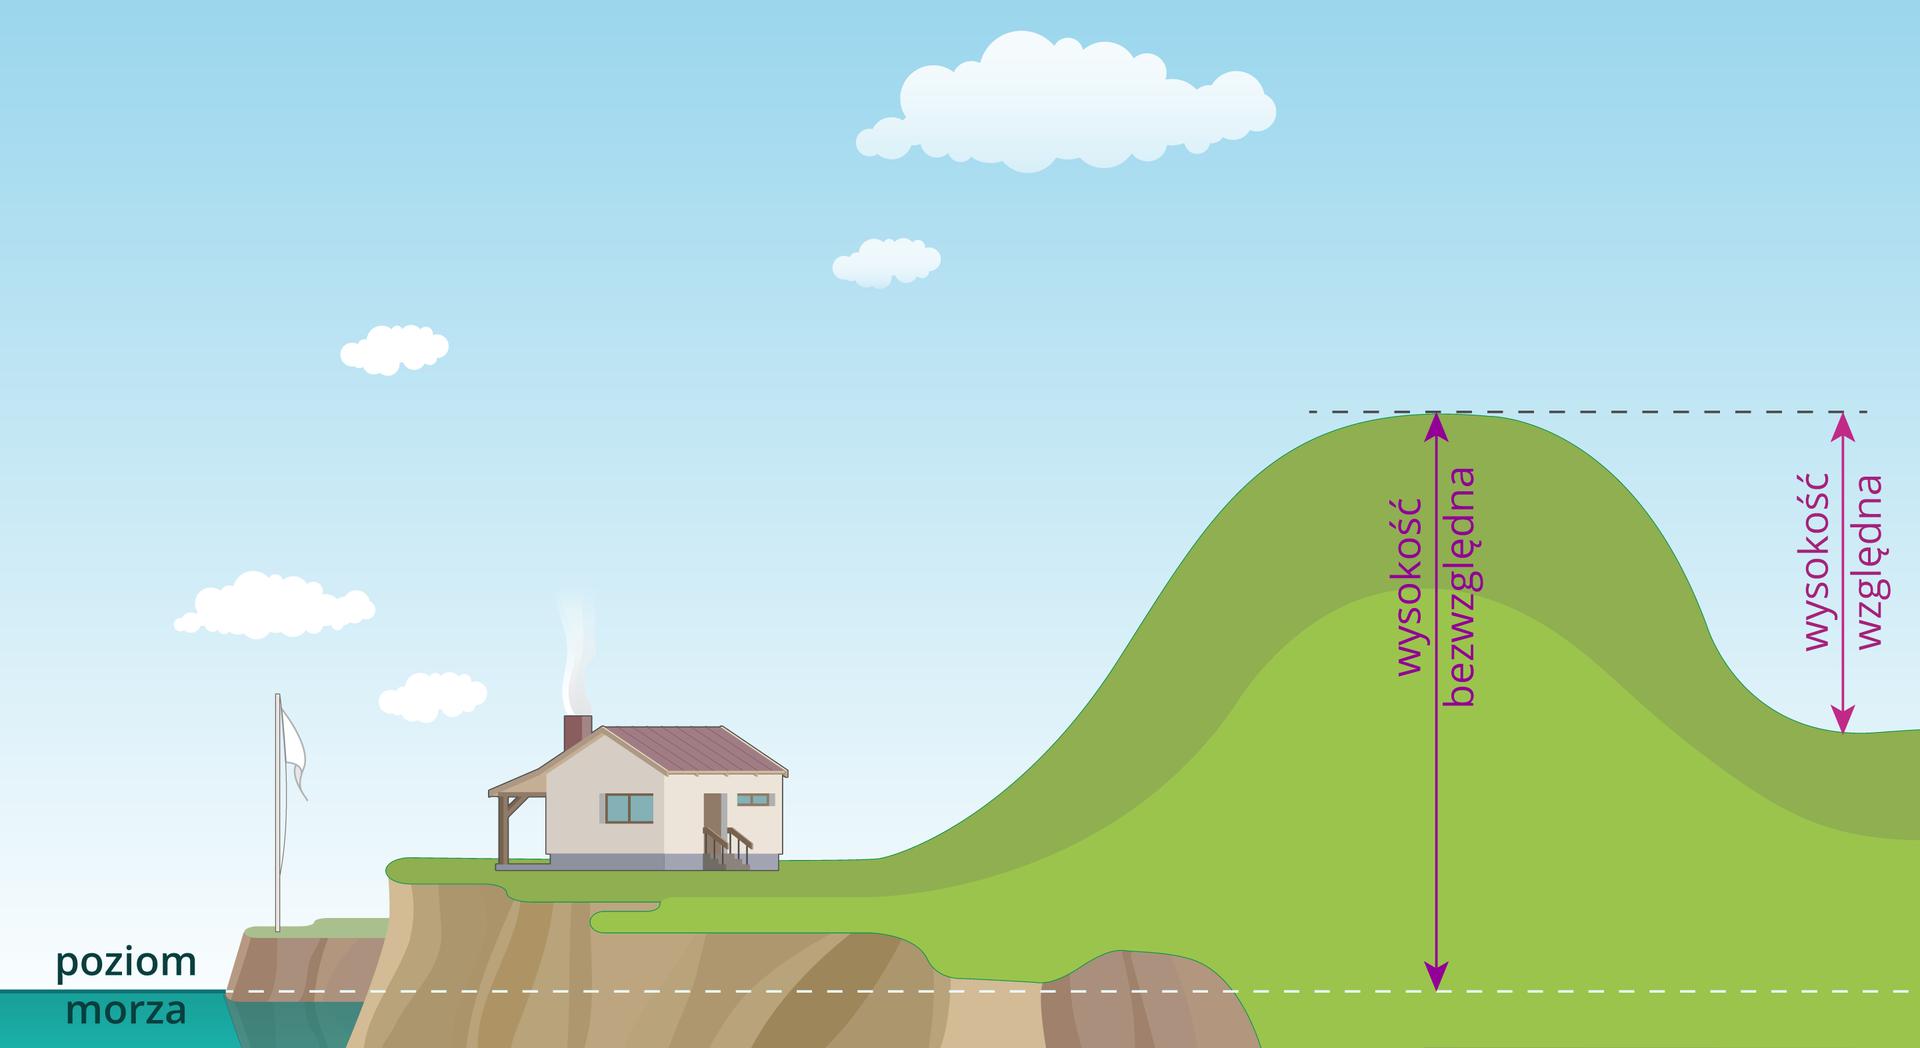 Ilustracja przedstawia sposoby mierzenia wysokości bezwzględnej iwzględnej. Rysunek obrazuje zróżnicowaną rzeźbę terenu. Wcentrum ilustracji znajduje się szczyt. Jest to najwyższe wzniesienie. Zprawej strony upodnóża jest morze, azlewej dolina leżąca wyżej niż morze. Od wierzchołka szczytu jest poprowadzona pionowa linia zakończona dwoma grotami zgóry idołu. Linia ta wskazuje odległość od wierzchołka szczytu do linii poziomej, białej przerywanej, która jest poprowadzona na poziomie morza. Przedstawiona odległość to wysokość bezwzględna. Po stronie prawej od poziomej linii biegnącej na poziomie szczytu pagórka poprowadzona jest pionowa linia zdwoma grotami do dna doliny. Odległość od wierzchołka szczytu do podnóża pagórka to wysokość względna.